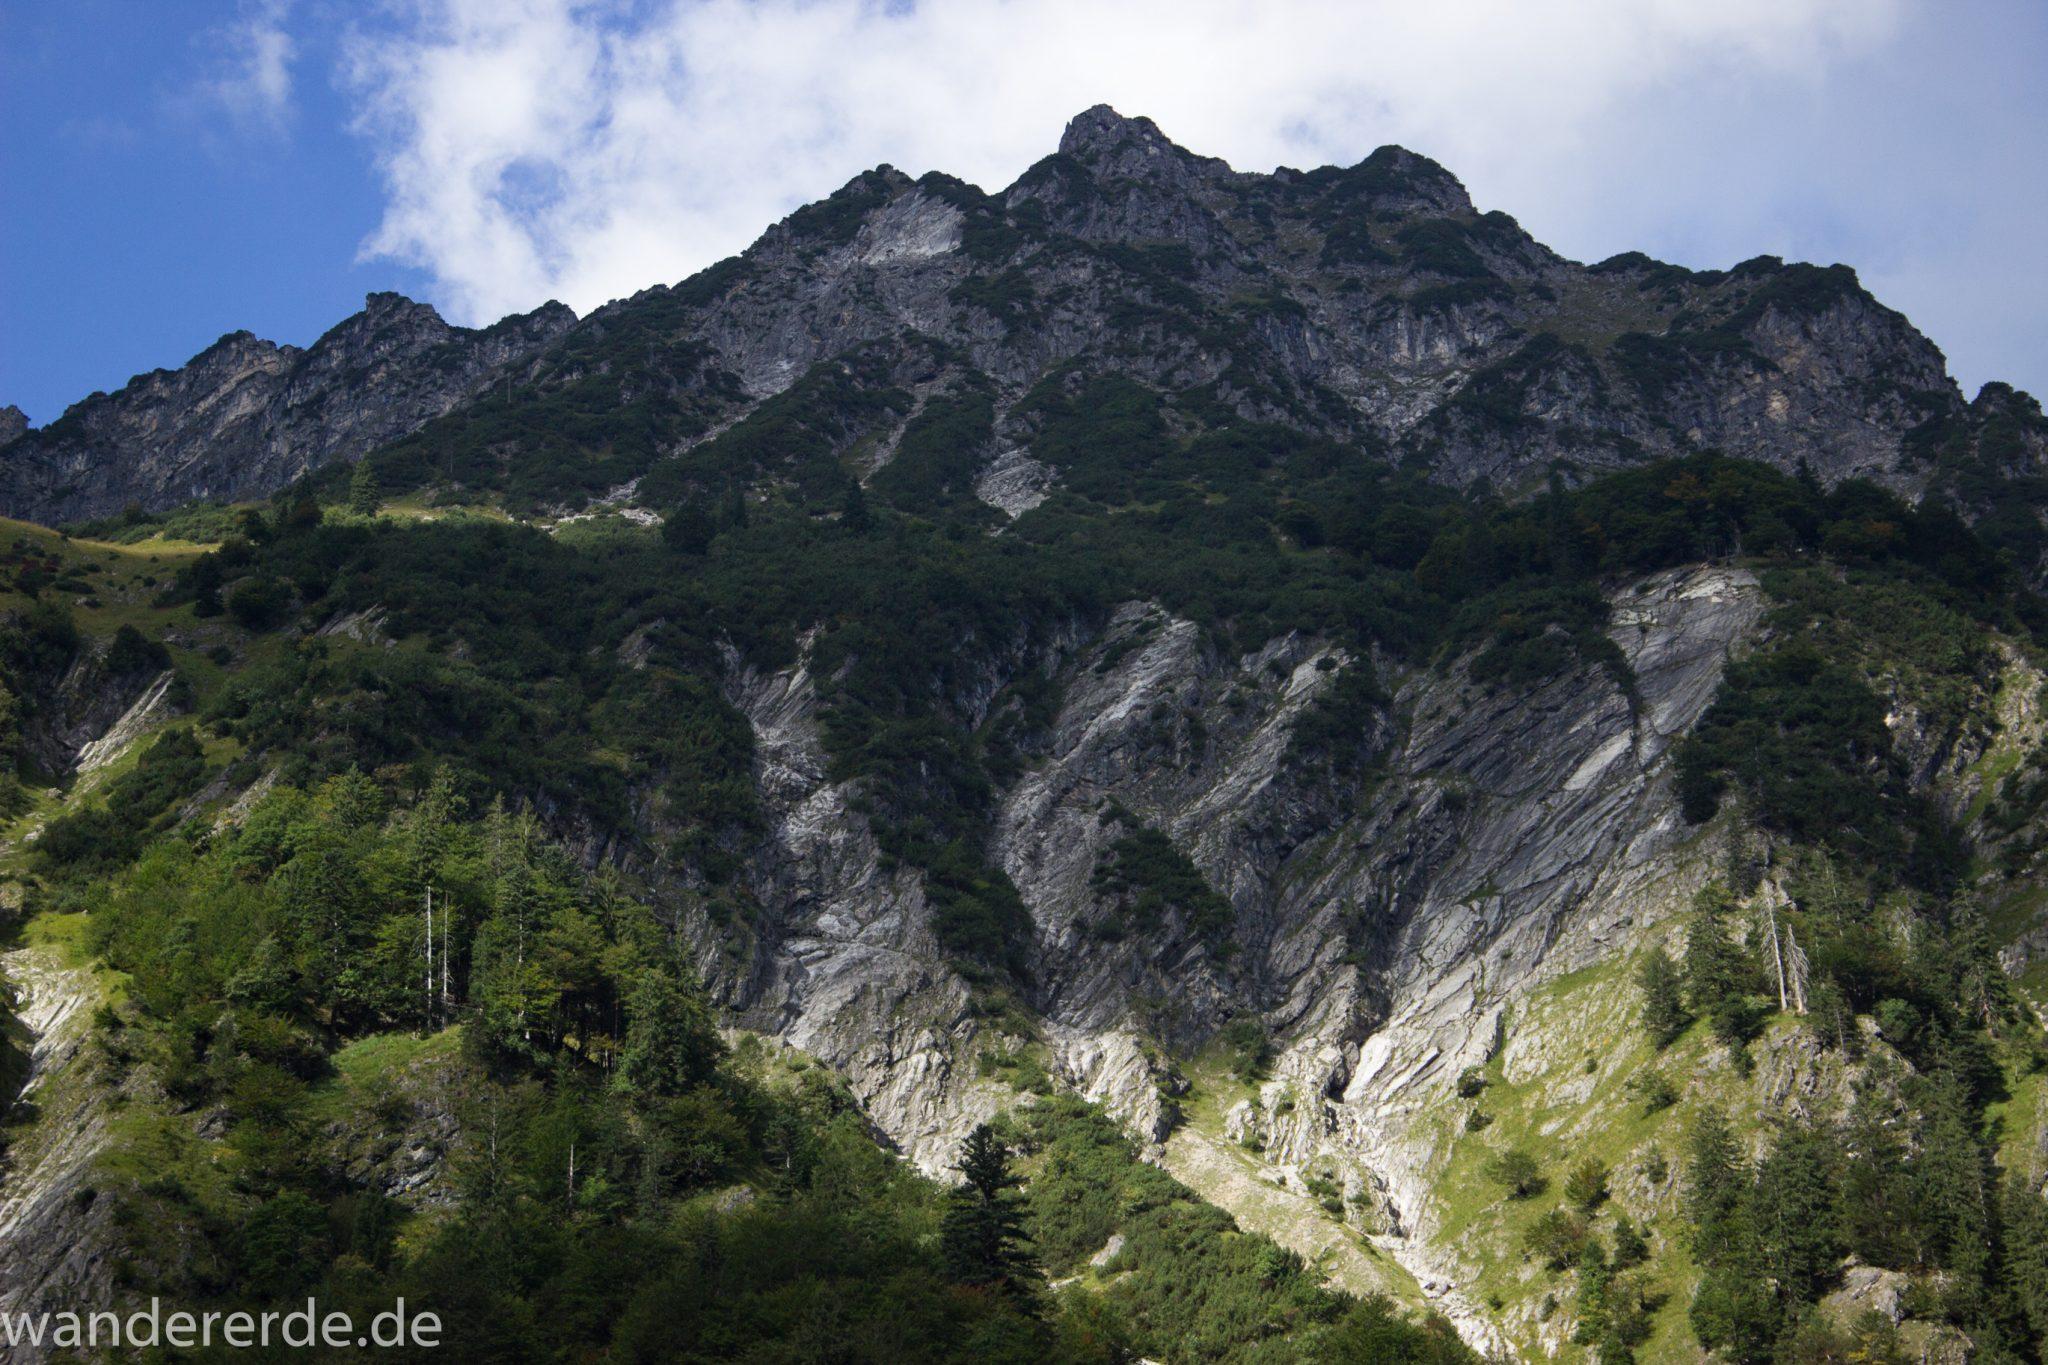 Alpenüberquerung Fernwanderweg E5 Oberstdorf Meran, 1. Etappe von Oberstdorf zur Kemptner Hütte, Wanderweg führt von Oberstdorf zur Spielmannsau entlang saftig grüner Wiesen im Allgäu mit grünem Wald, Aussicht auf die Berge im Allgäu, Bayern